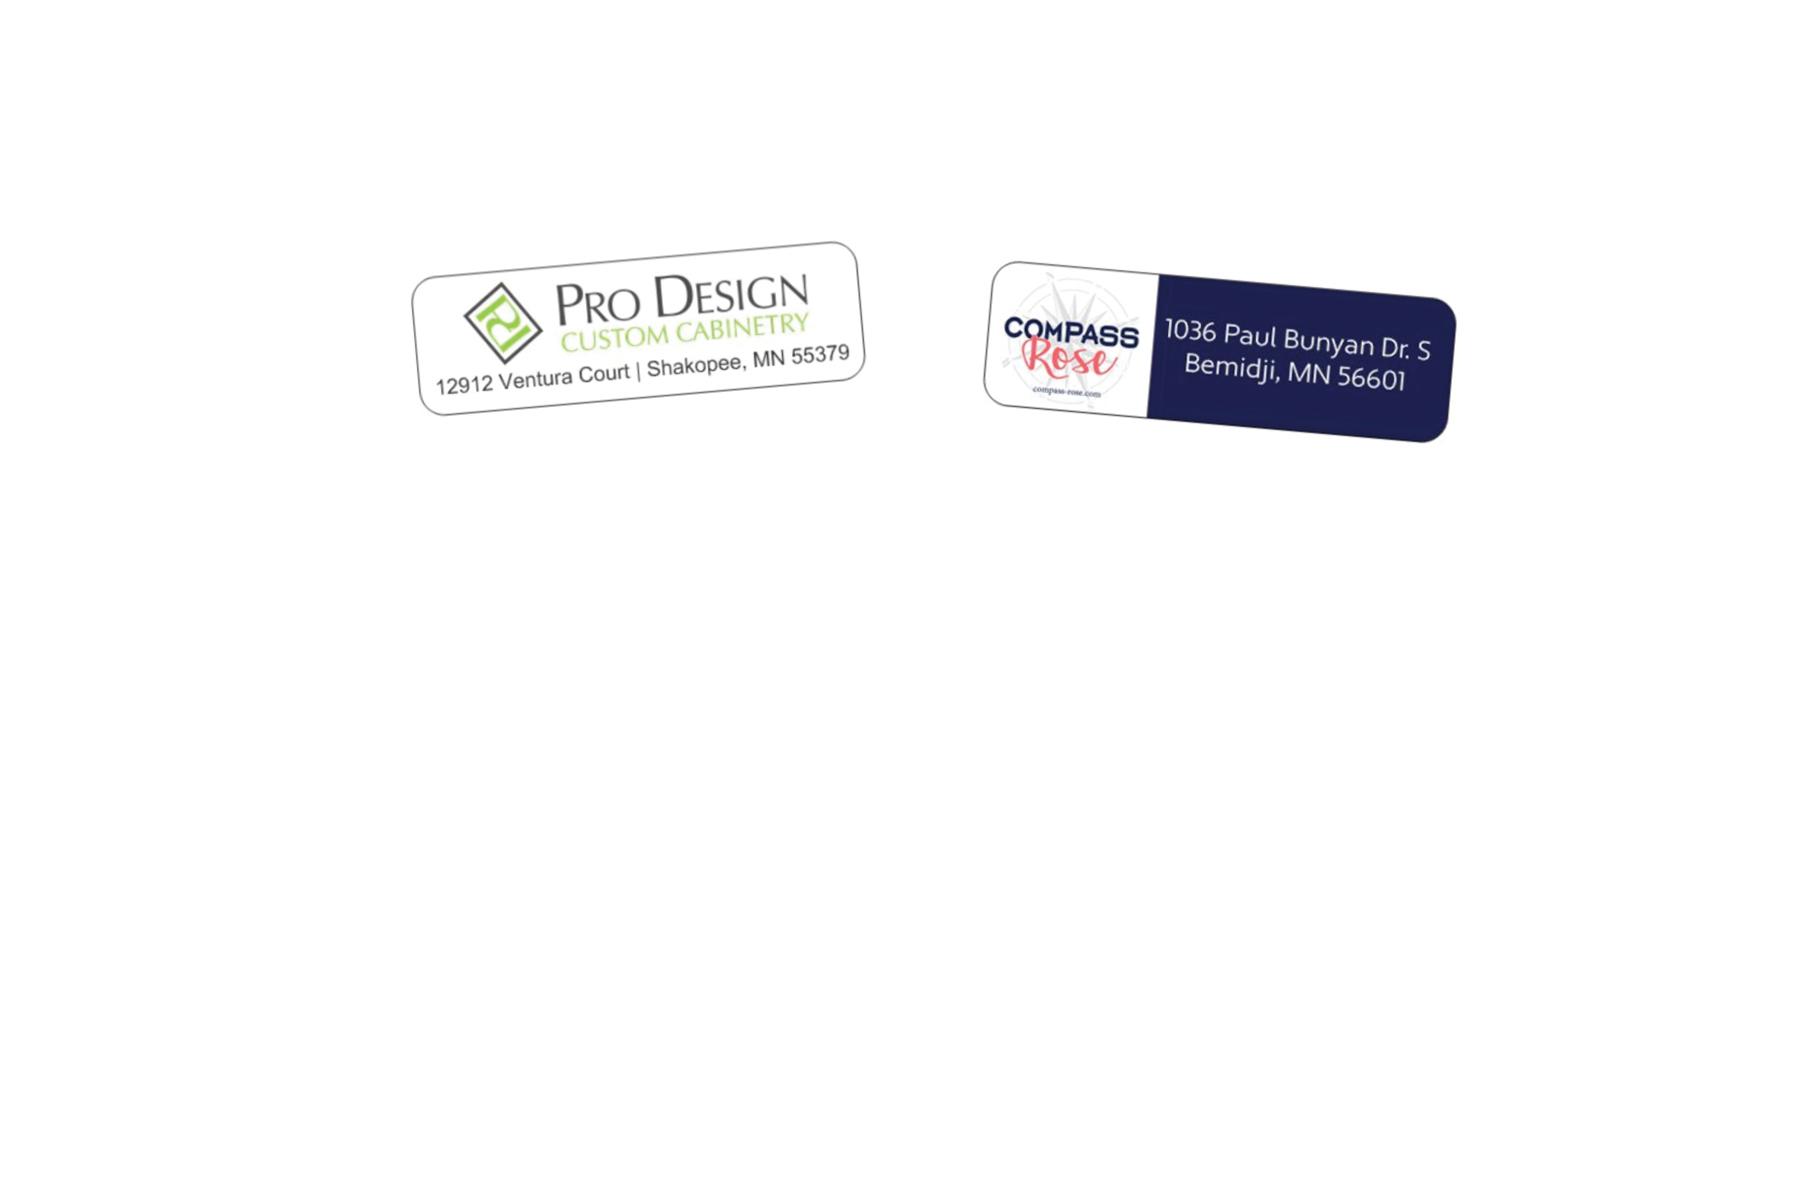 PDCC_labels